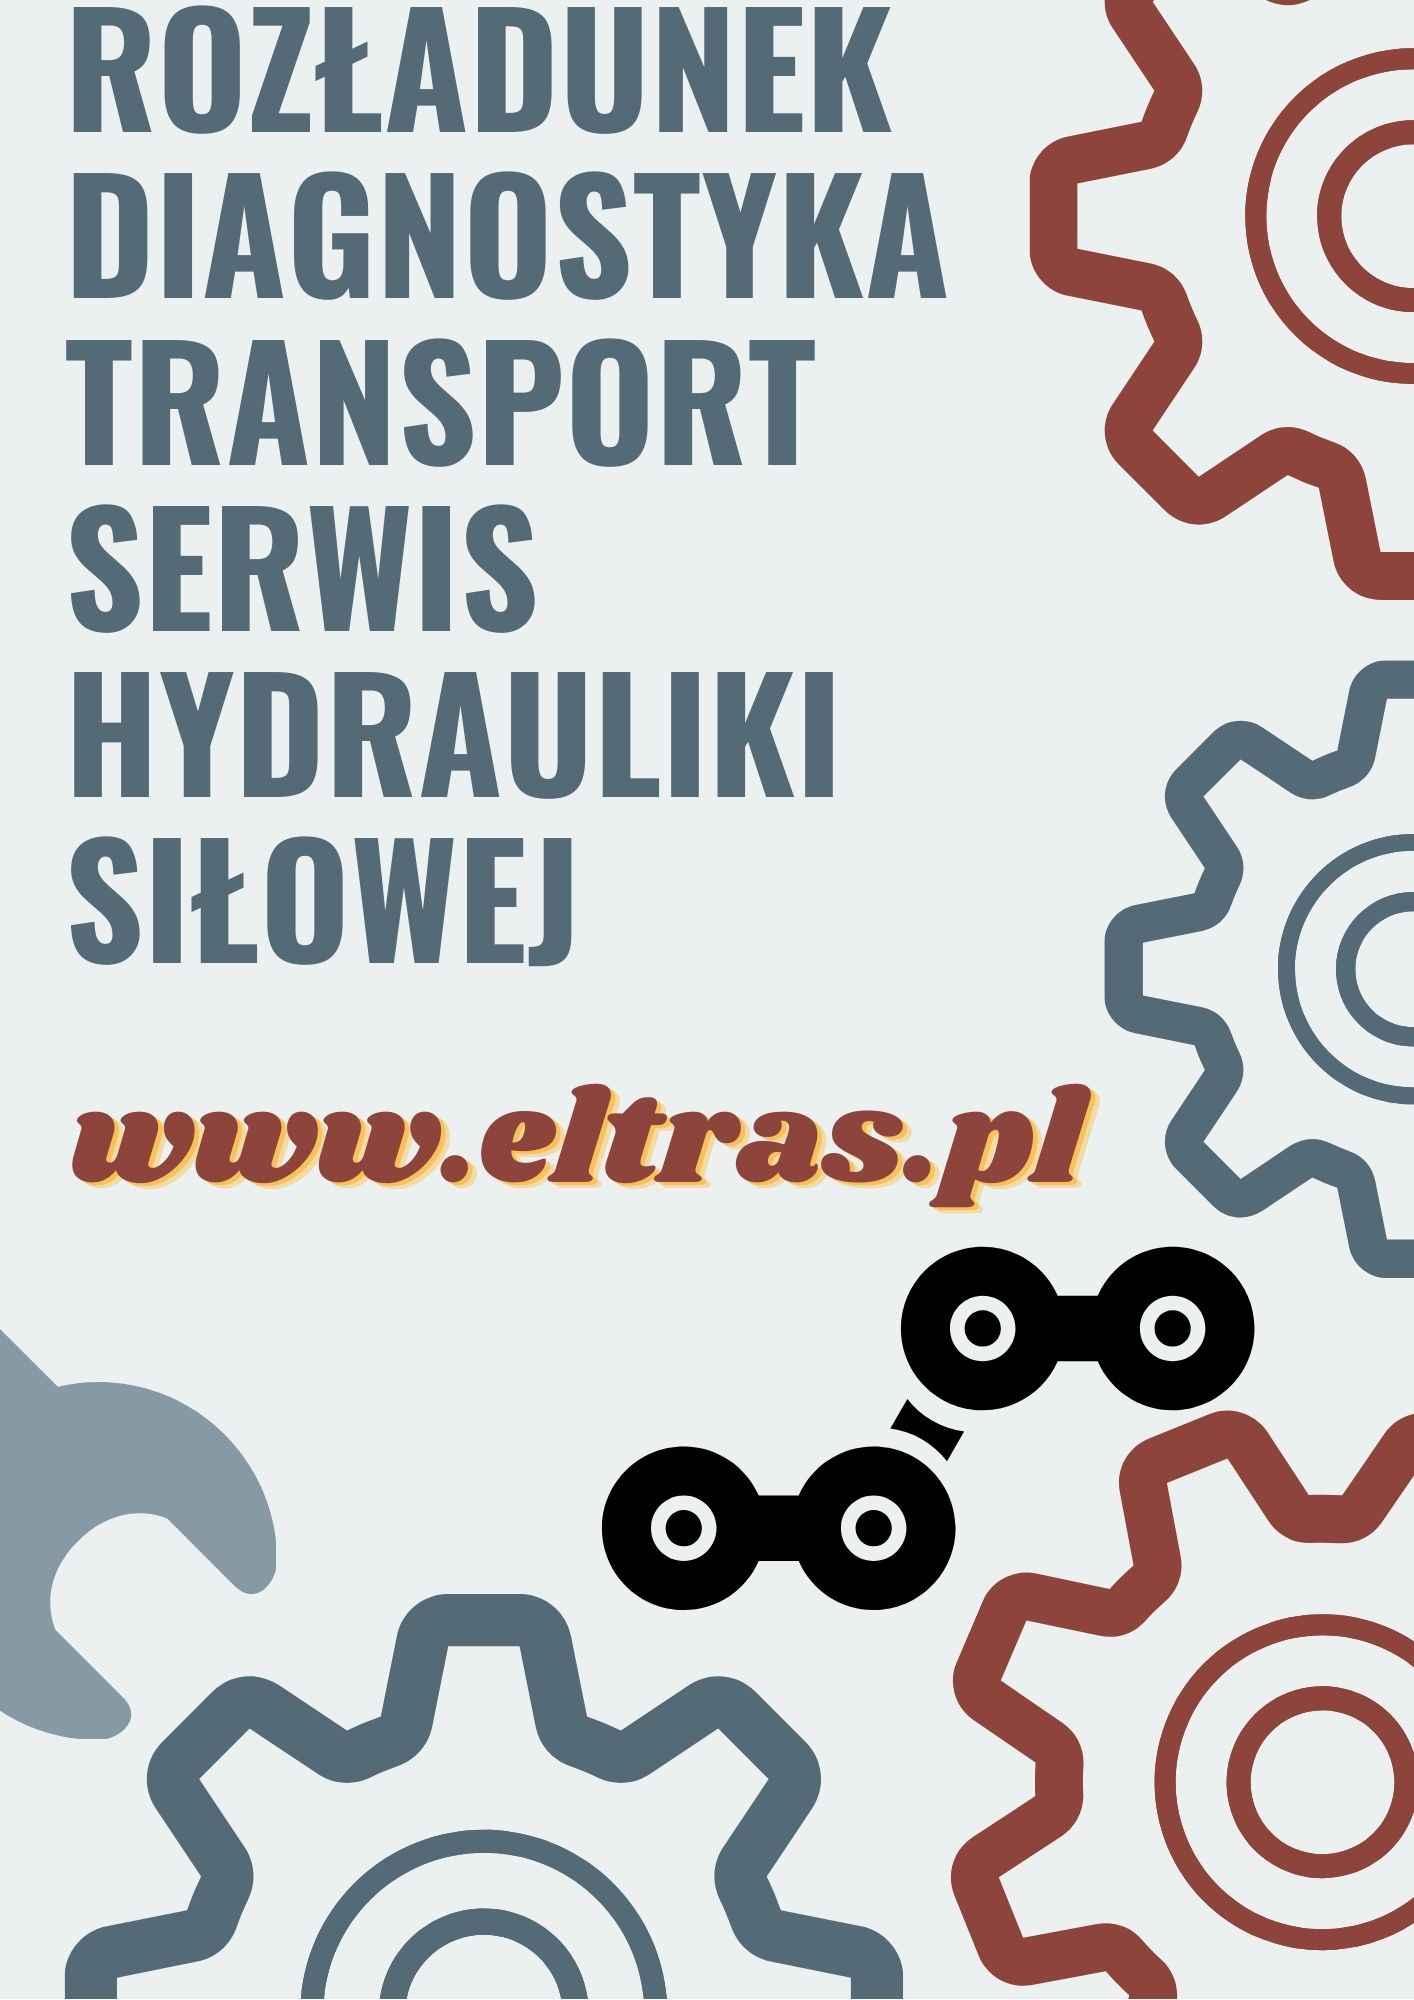 WYNAJEM MASZYN SAMOCHODÓW CIĘŻAROWYCH TRANSPORT  ELTRAS BIAŁYSTOK Białystok - zdjęcie 1